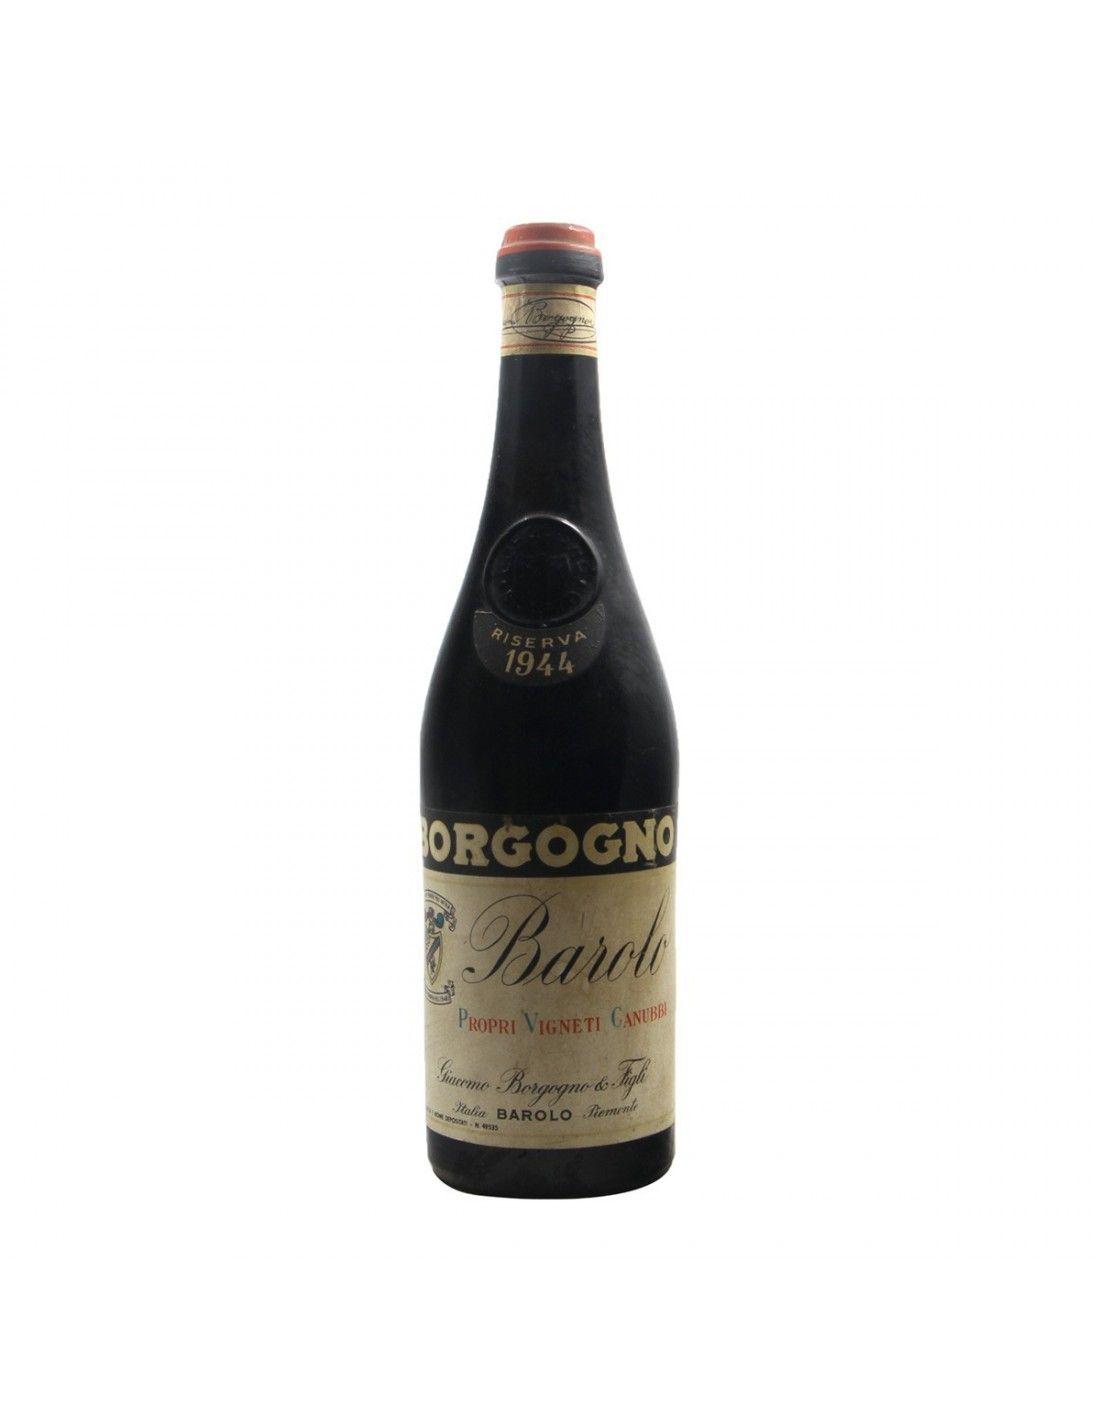 BAROLO RISERVA 1944 BORGOGNO GIACOMO Grandi Bottiglie